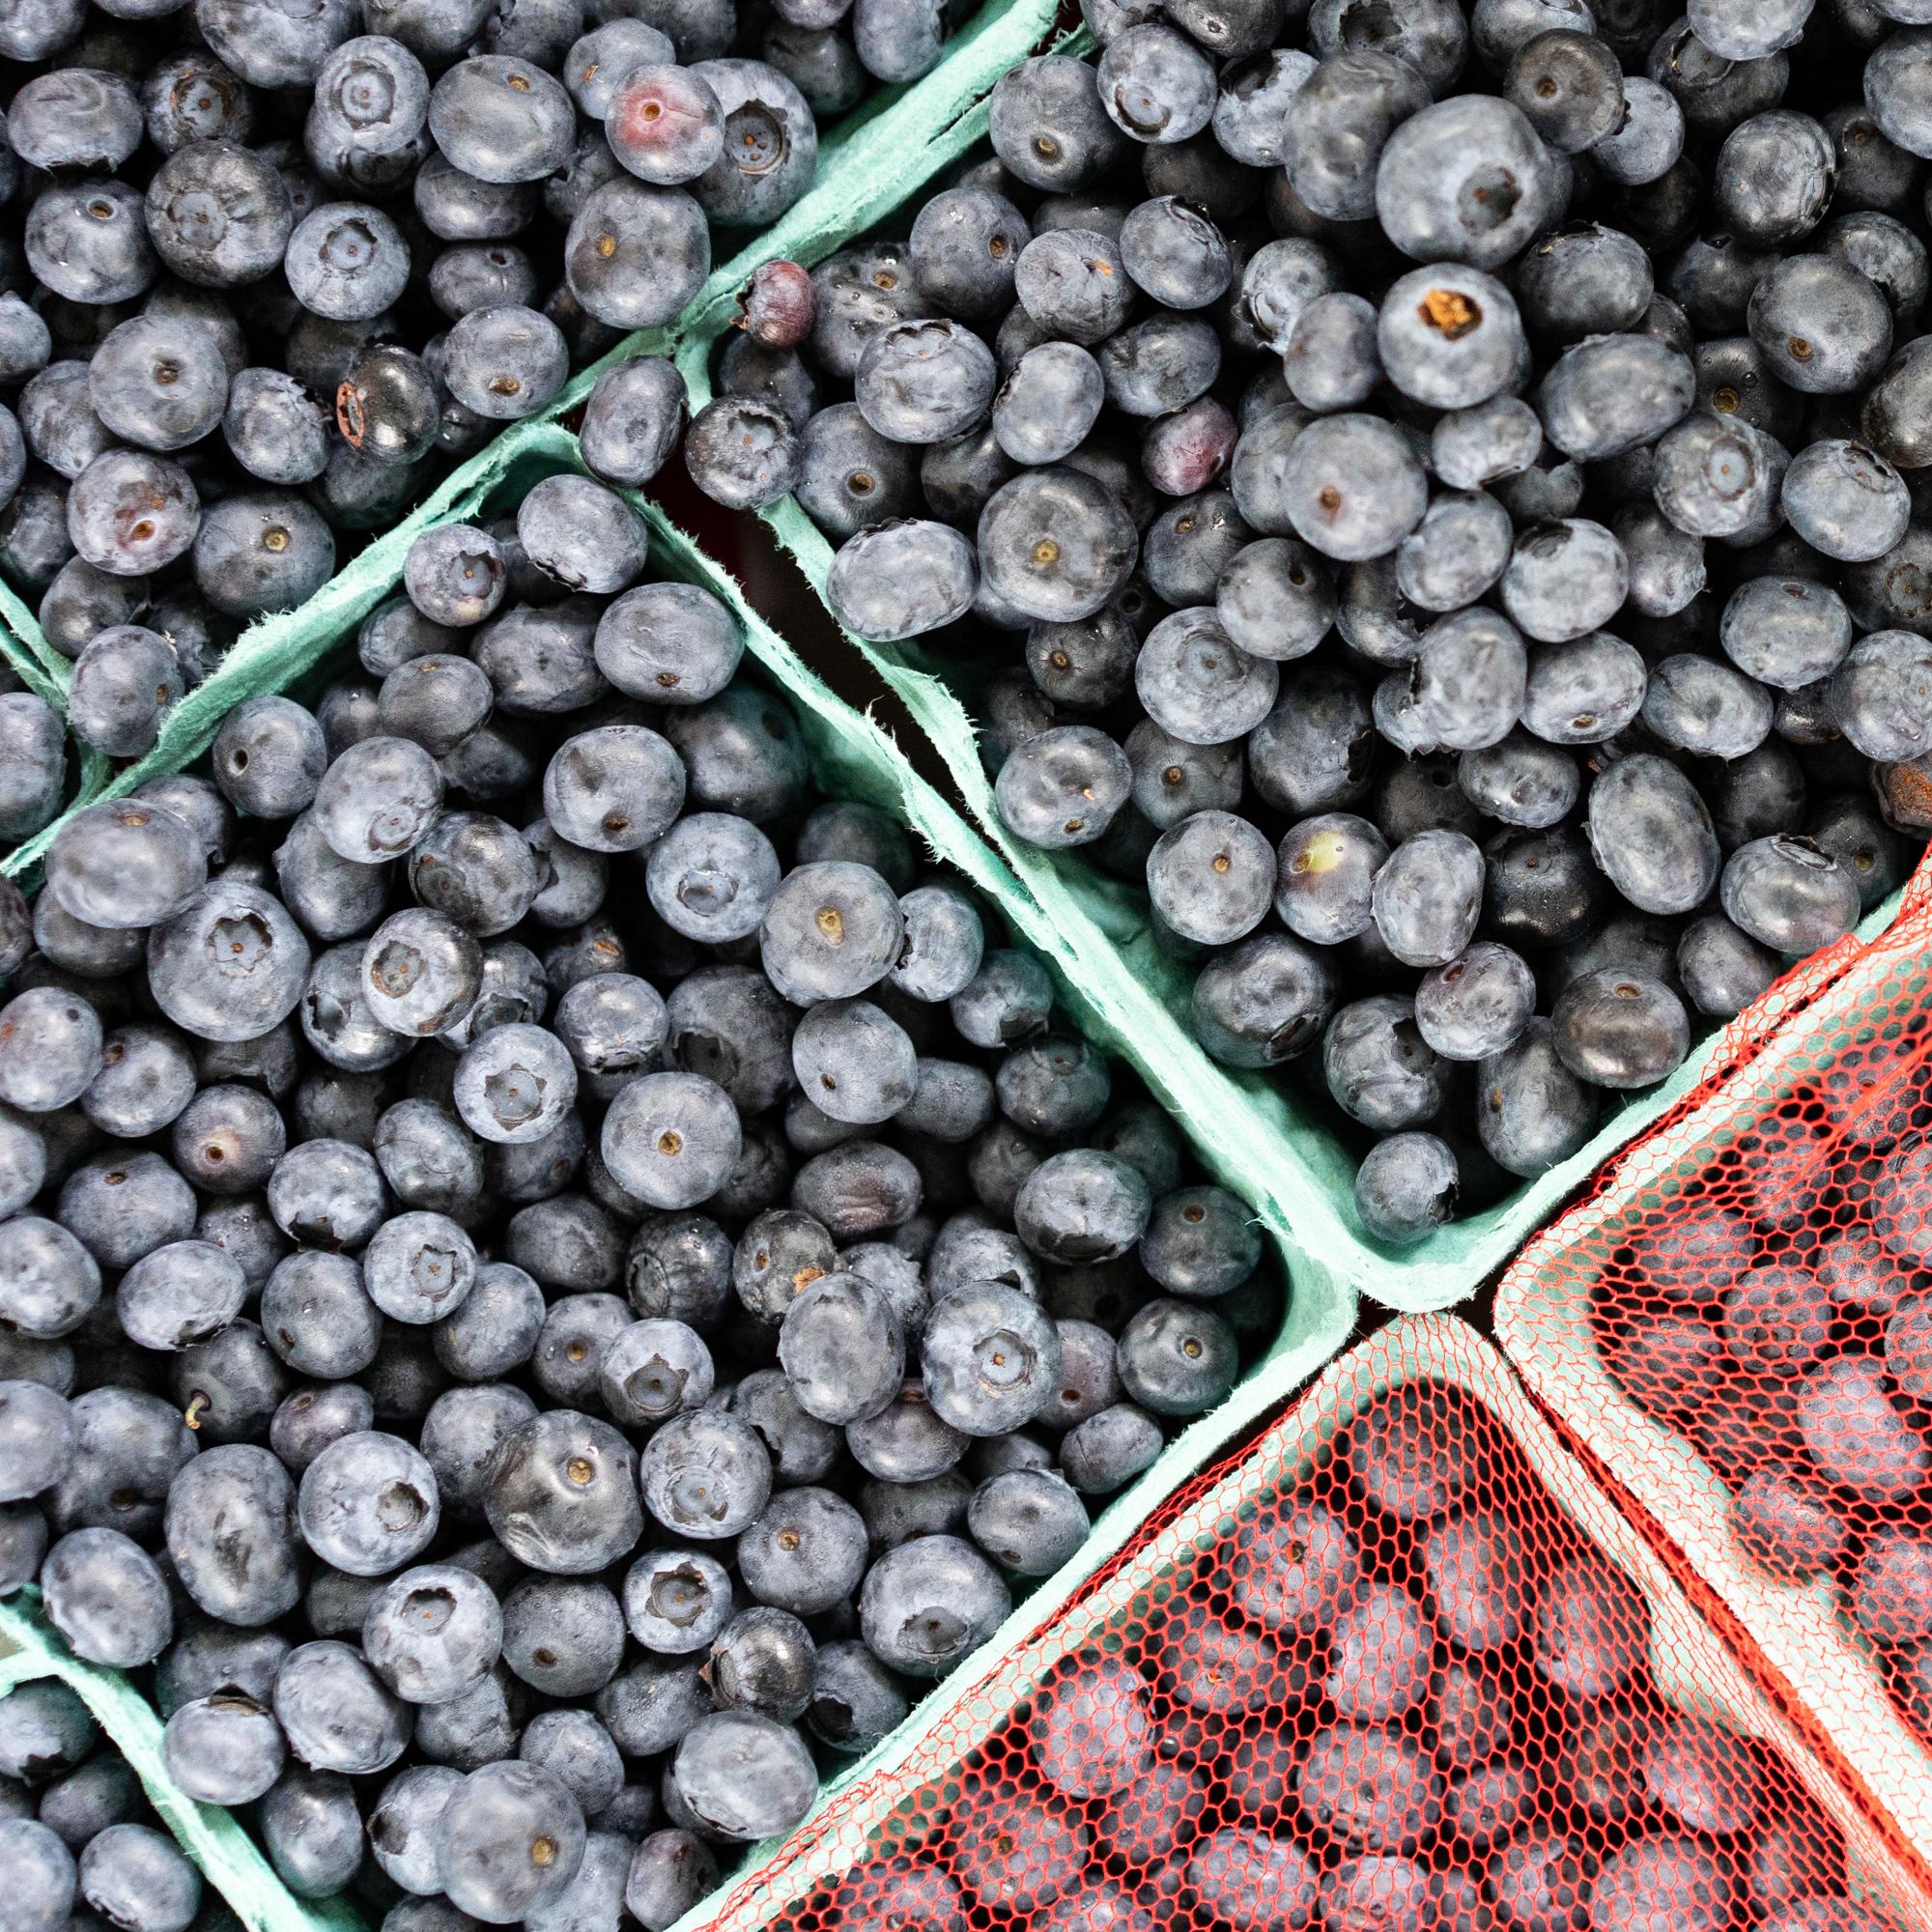 PFM_Terhune_blueberries-1.jpg